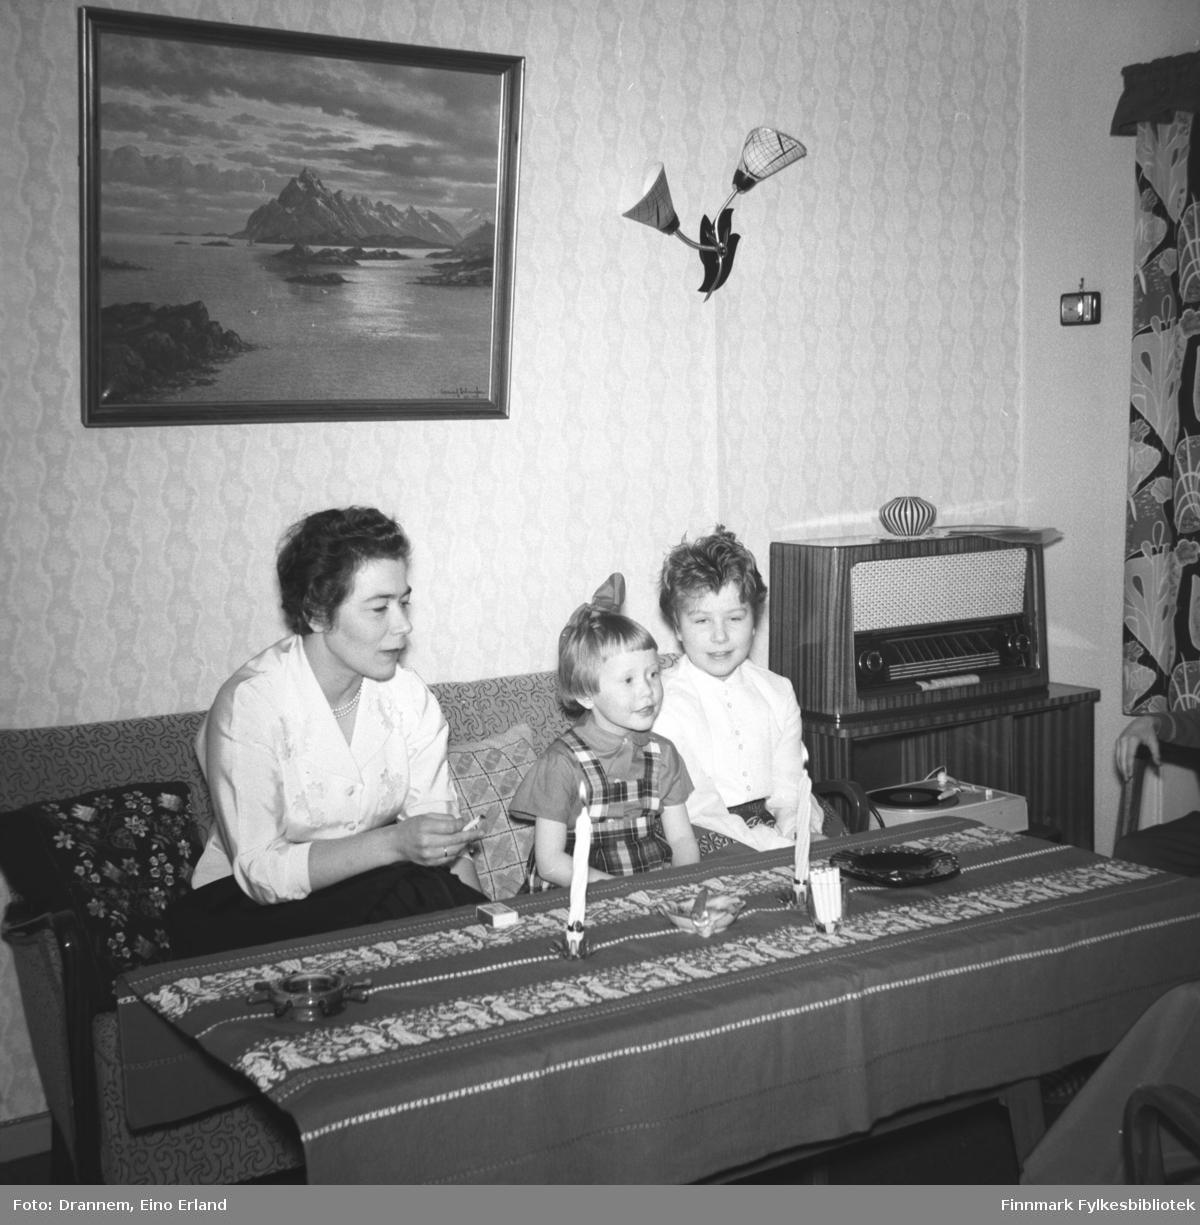 Fra venstre Jenny Drannem, Grete Sørensen og Turid Lillian sitter på en sofa. Det er juletid og bordet er pyntet med to stearinlys og en juleduk